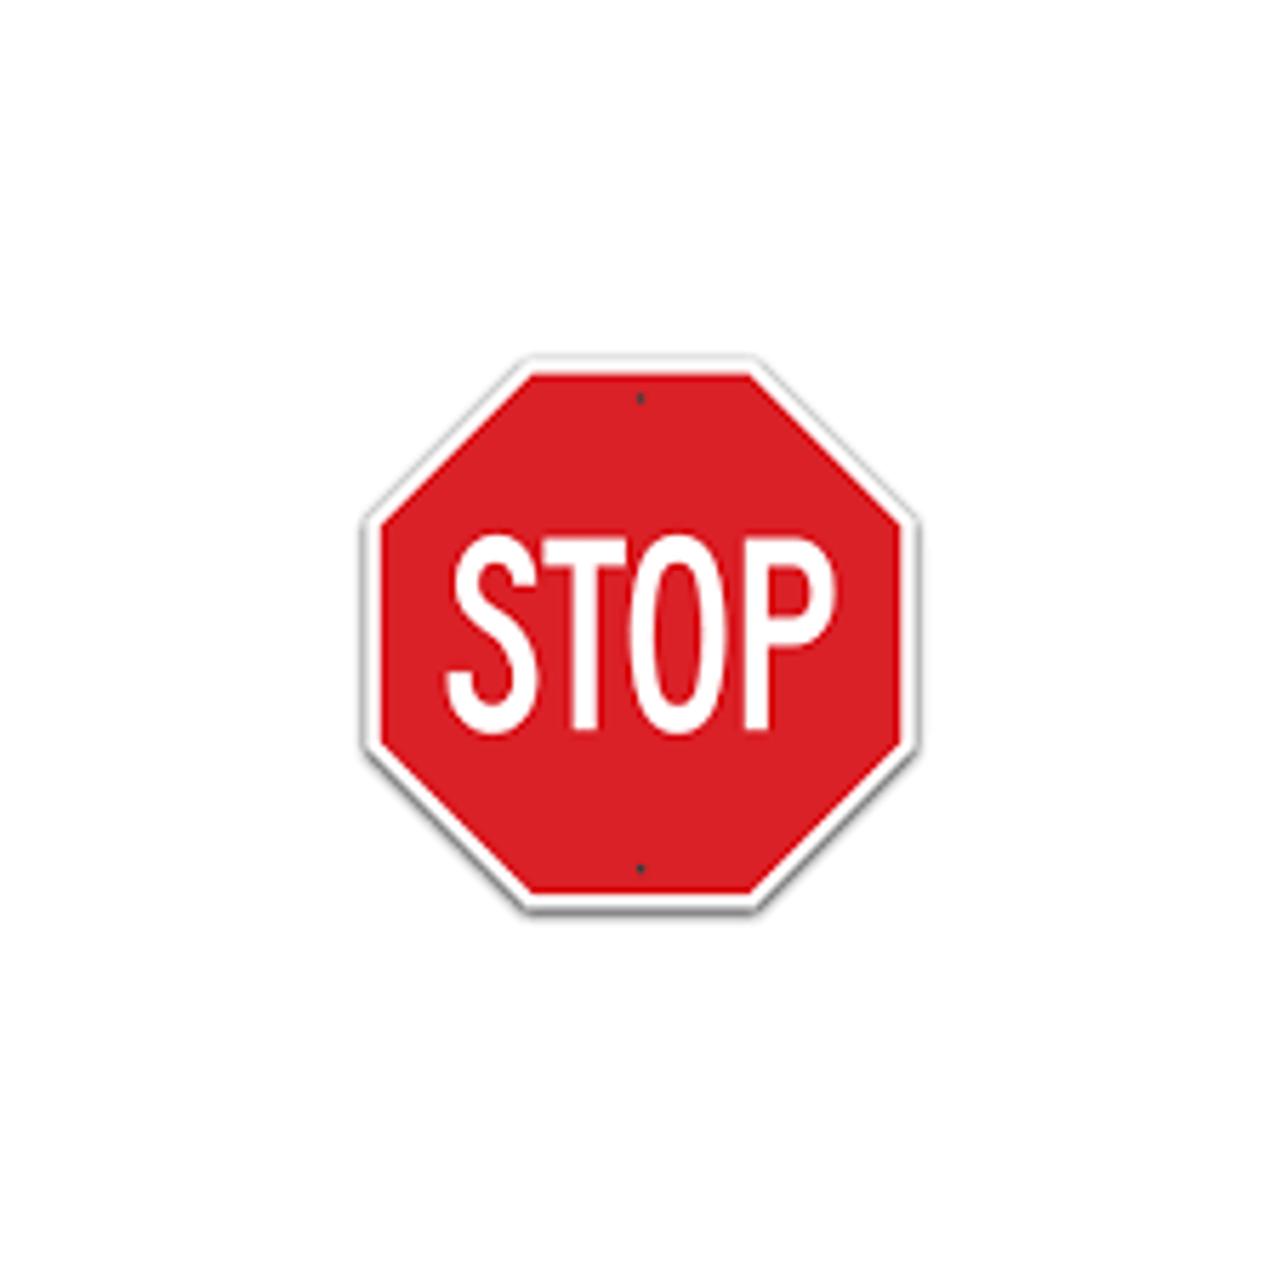 STOP SIGN - HIP